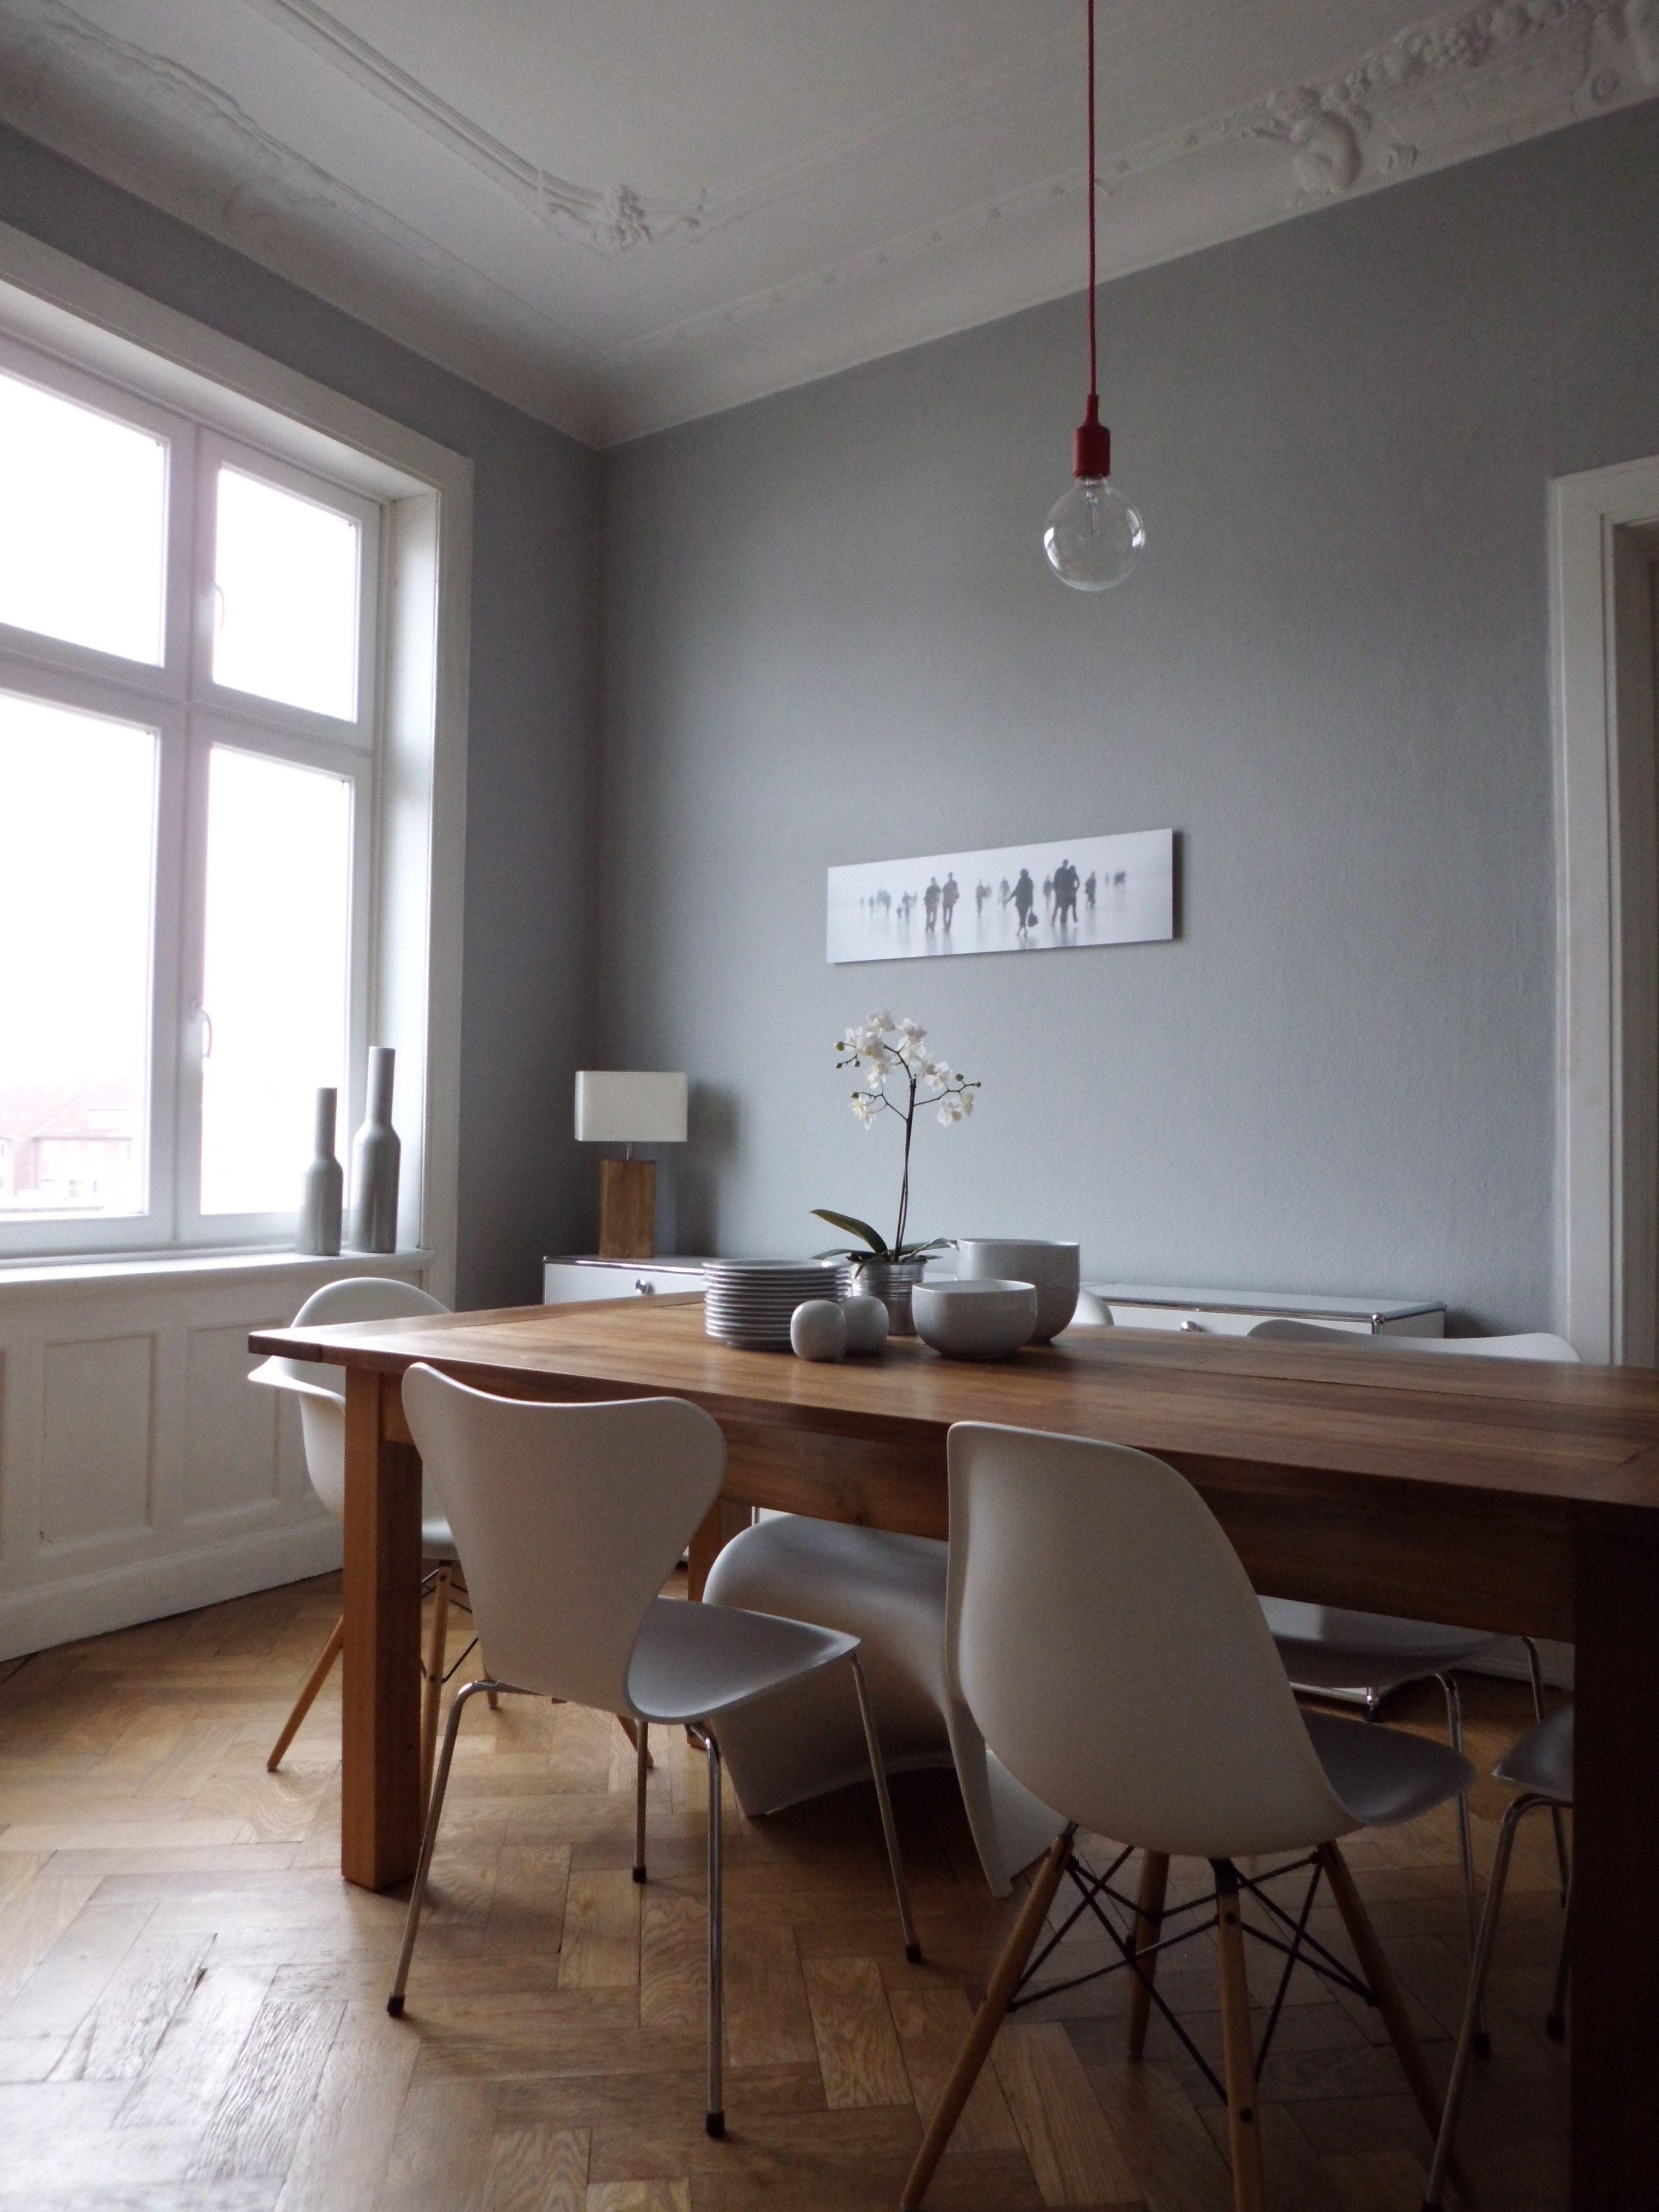 esstisch in 2019 wohnen wohn esszimmer altbau. Black Bedroom Furniture Sets. Home Design Ideas